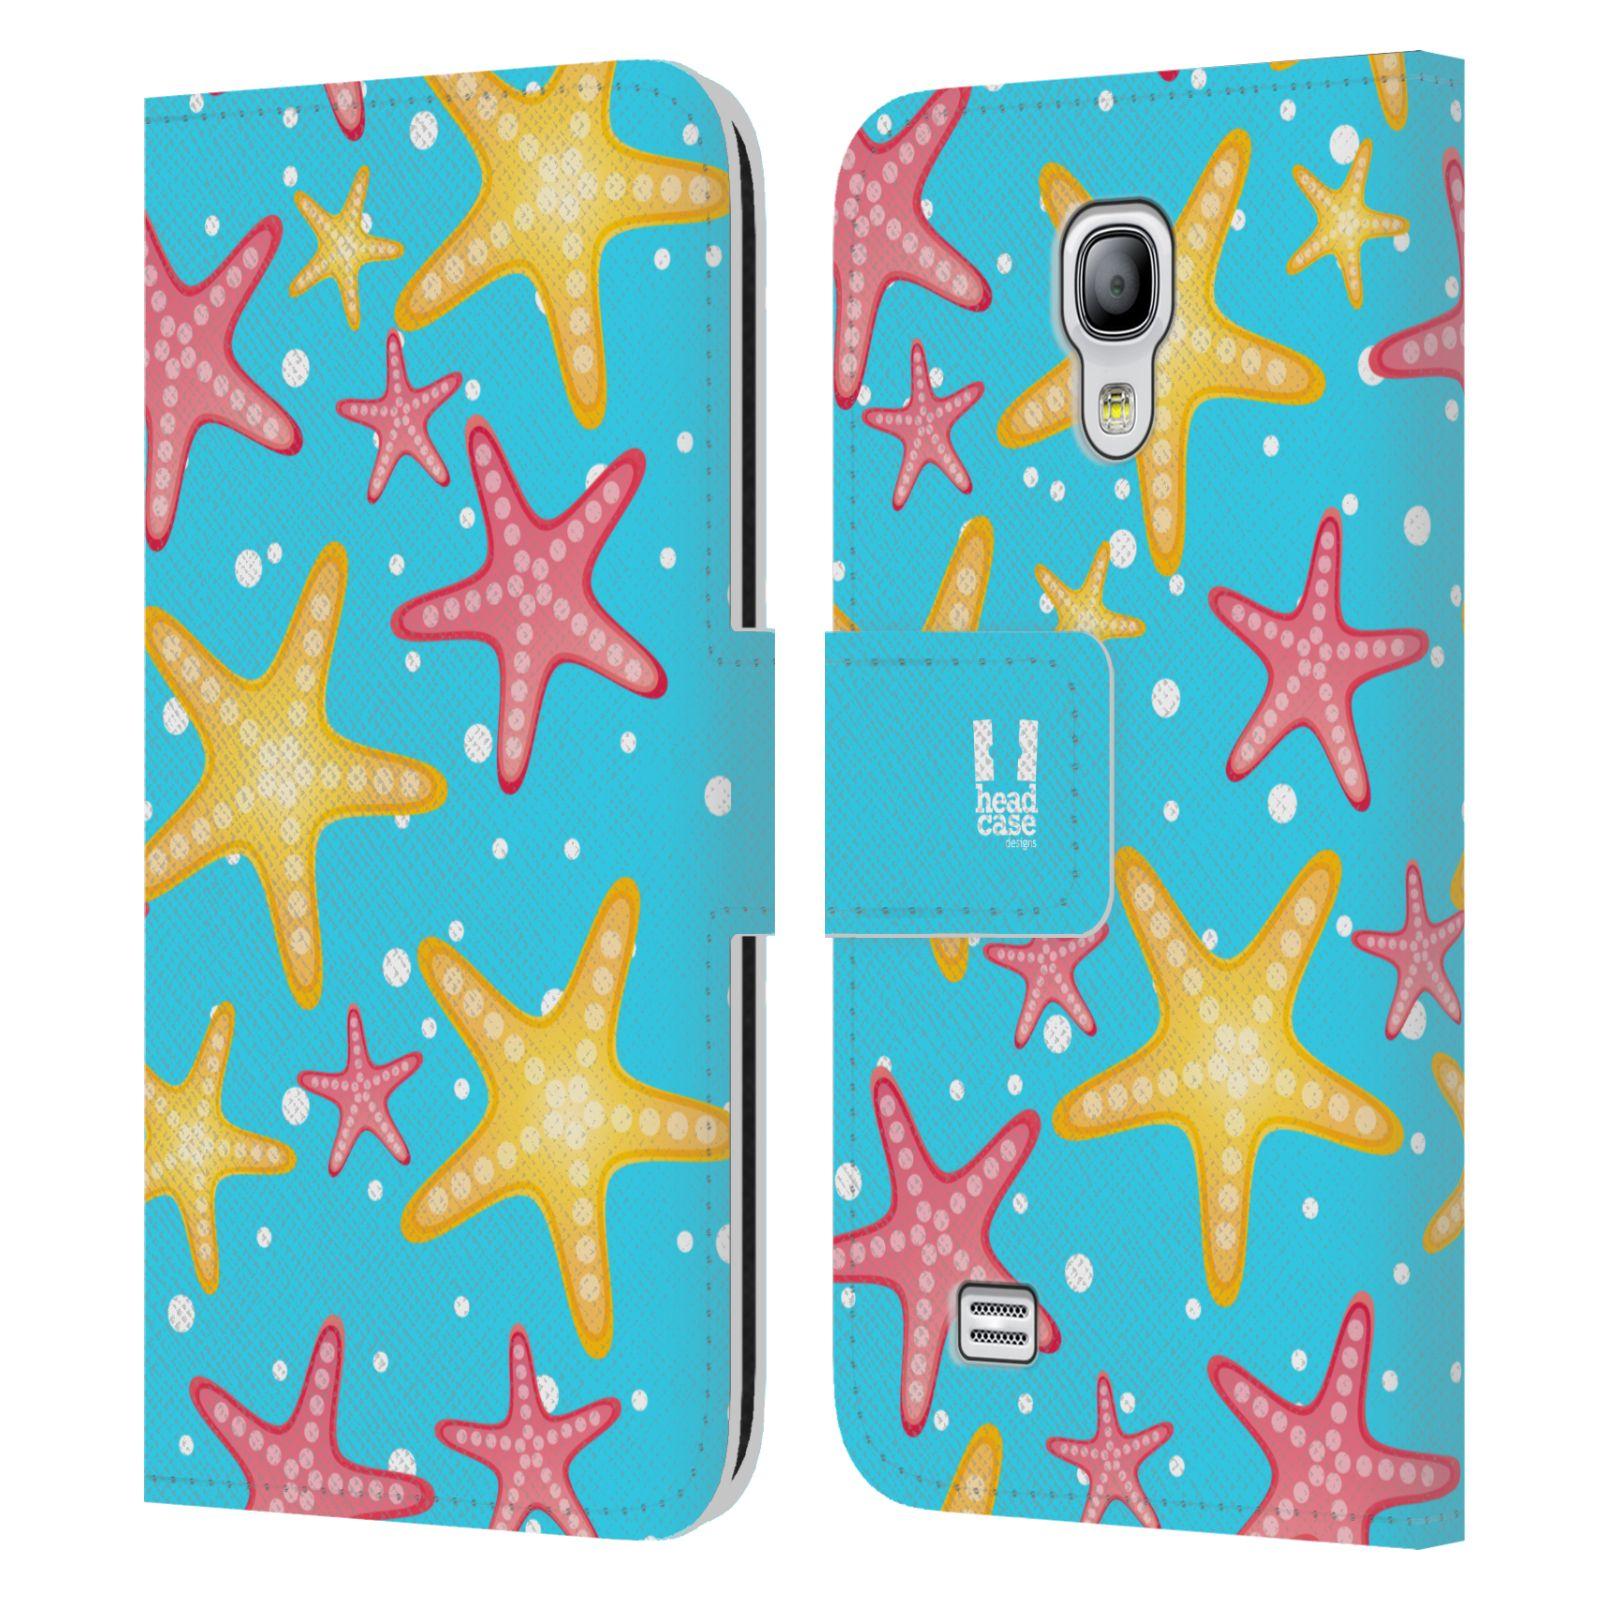 HEAD CASE Flipové pouzdro pro mobil Samsung Galaxy S4 MINI / S4 MINI DUOS Mořský živočich hvězdice modrá barva pozadí